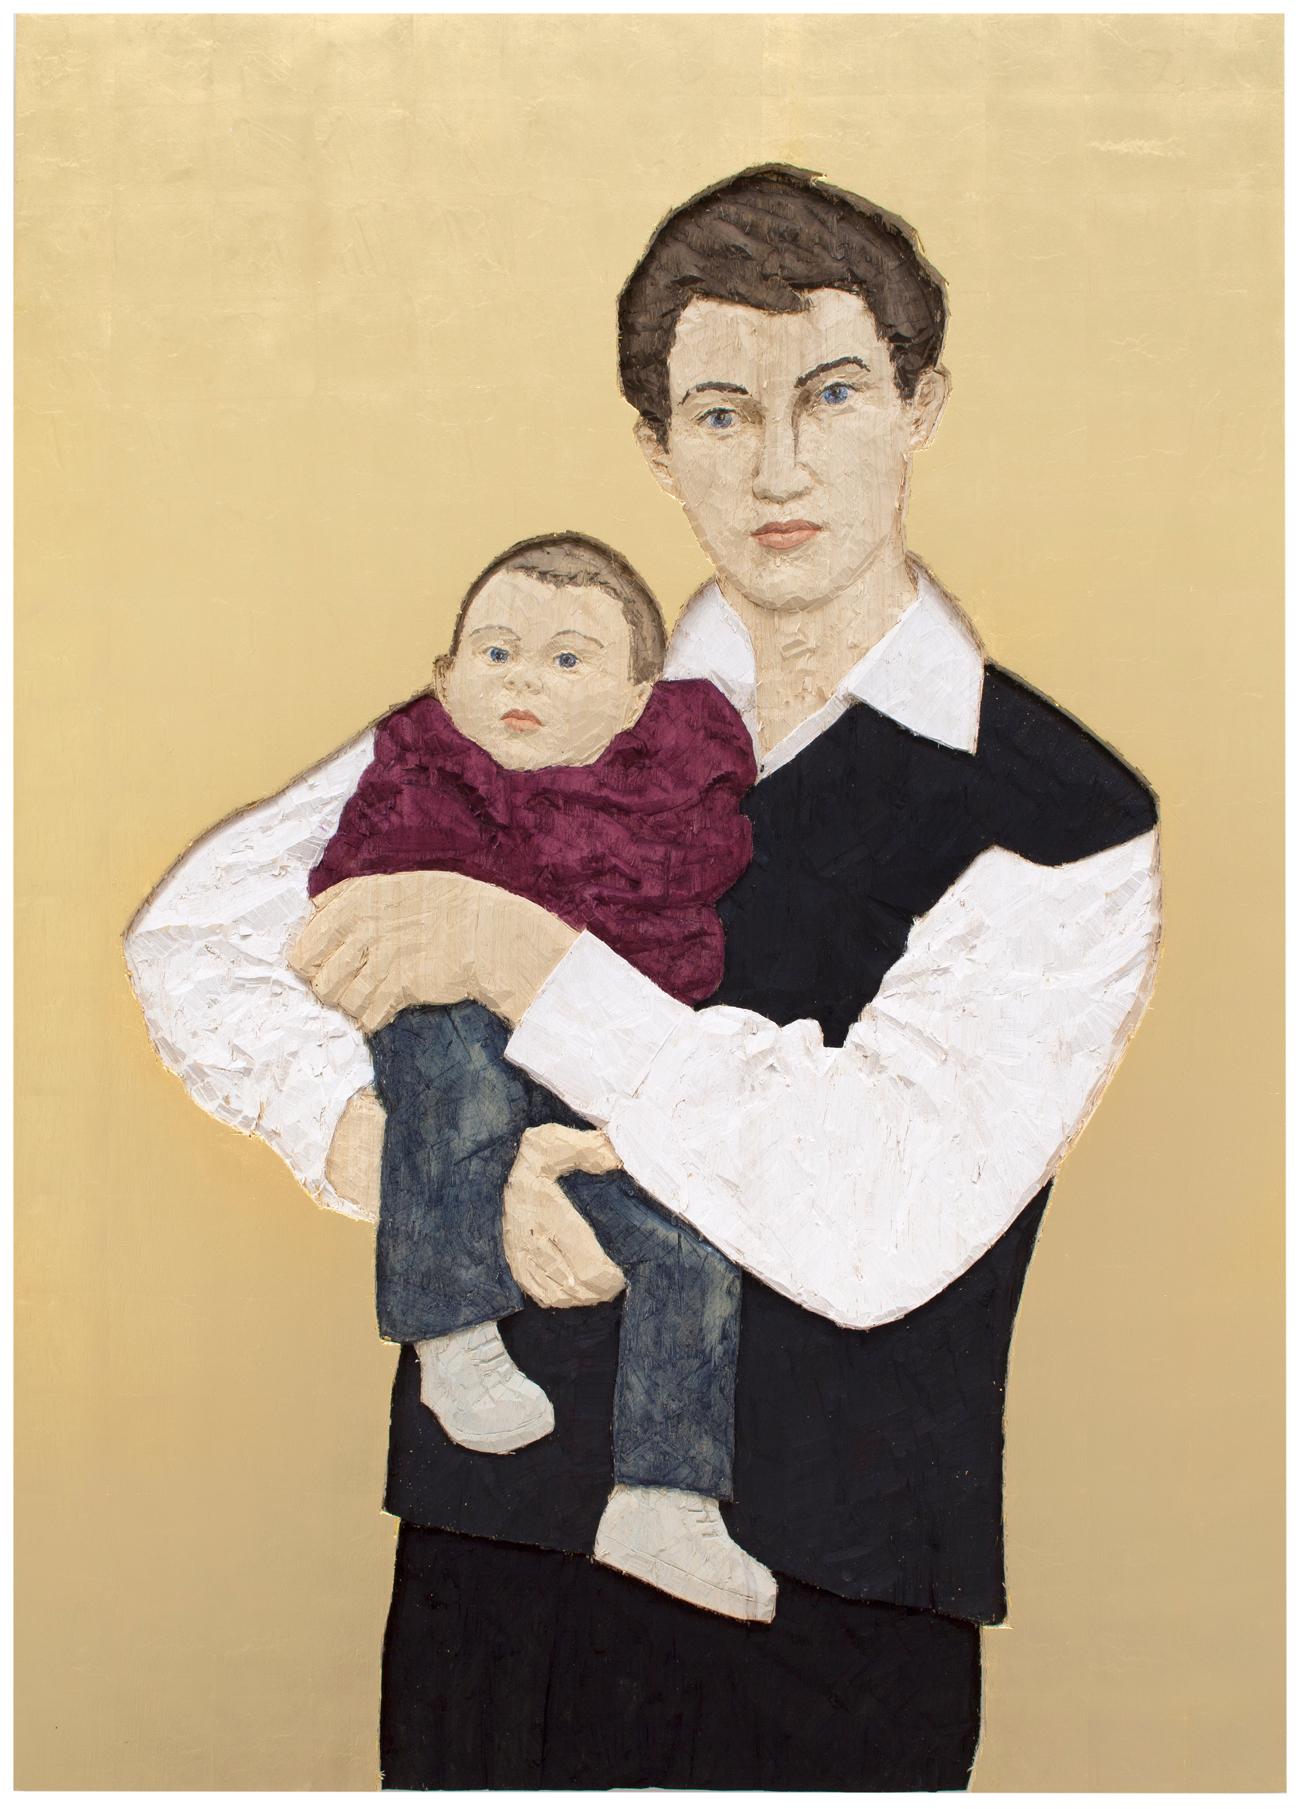 Sein Werk wird nun im Rahmen eines Projekts des Goethe-Instituts in Moskau gezeigt.